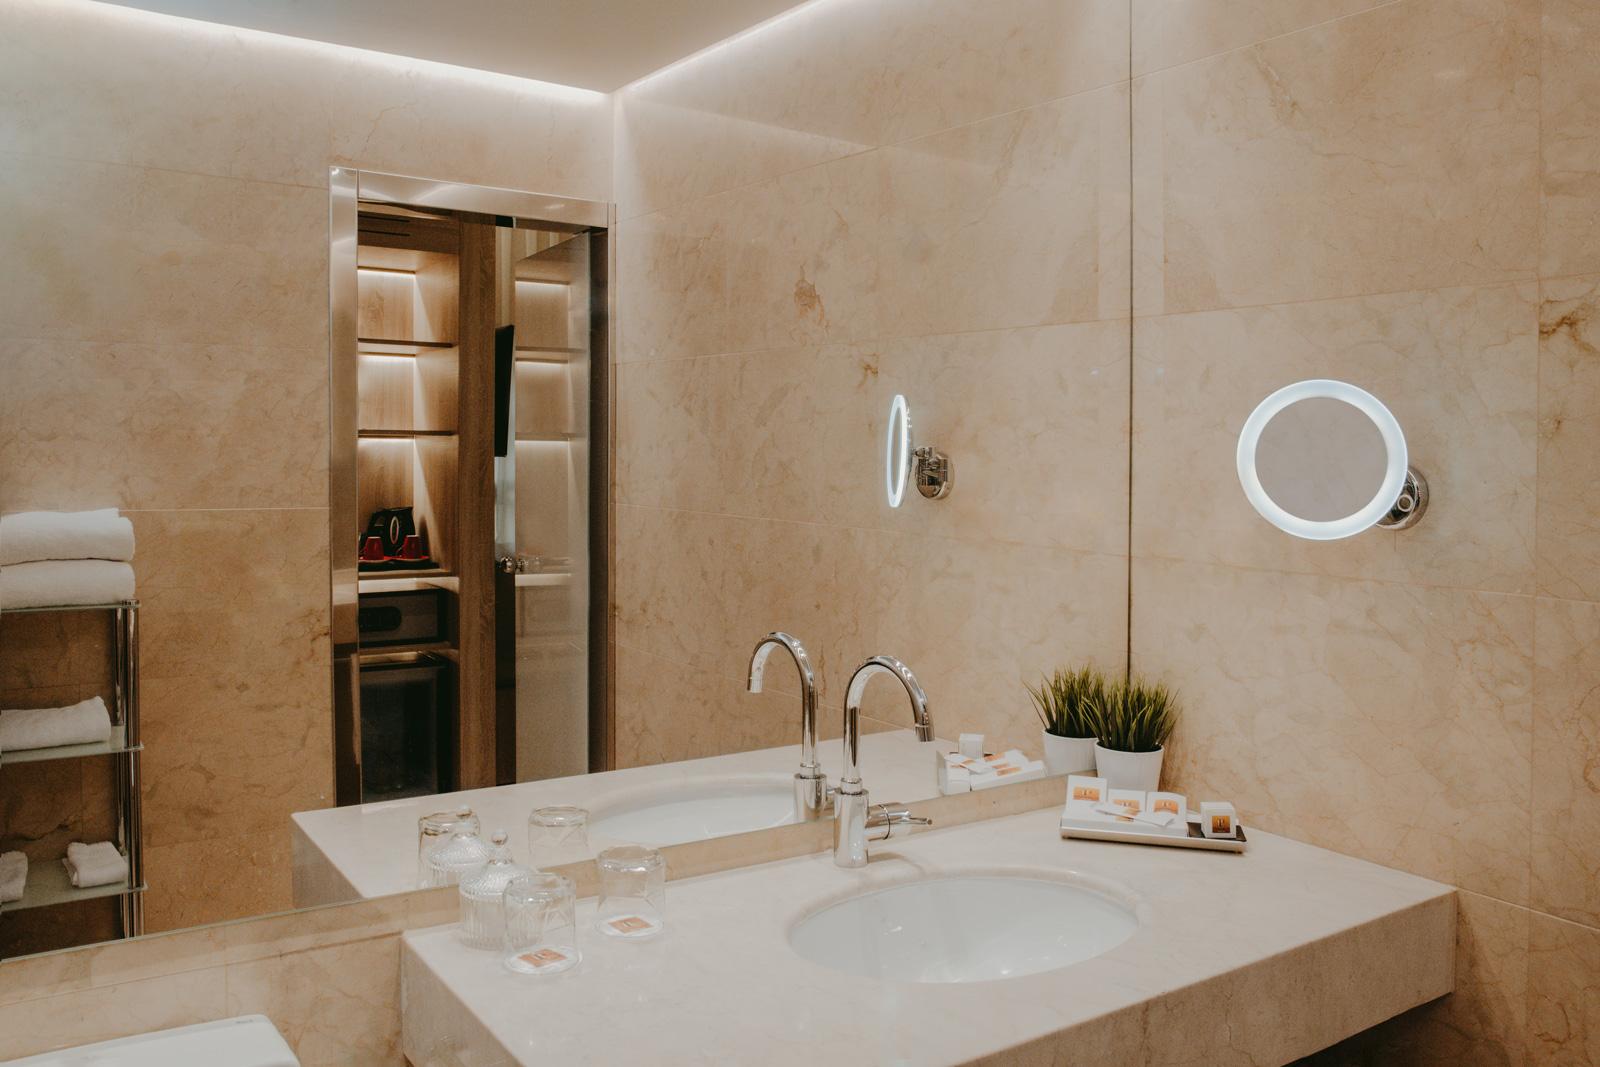 fotografia-interiorismo-madrid-hotel-preciados-granvia-baño